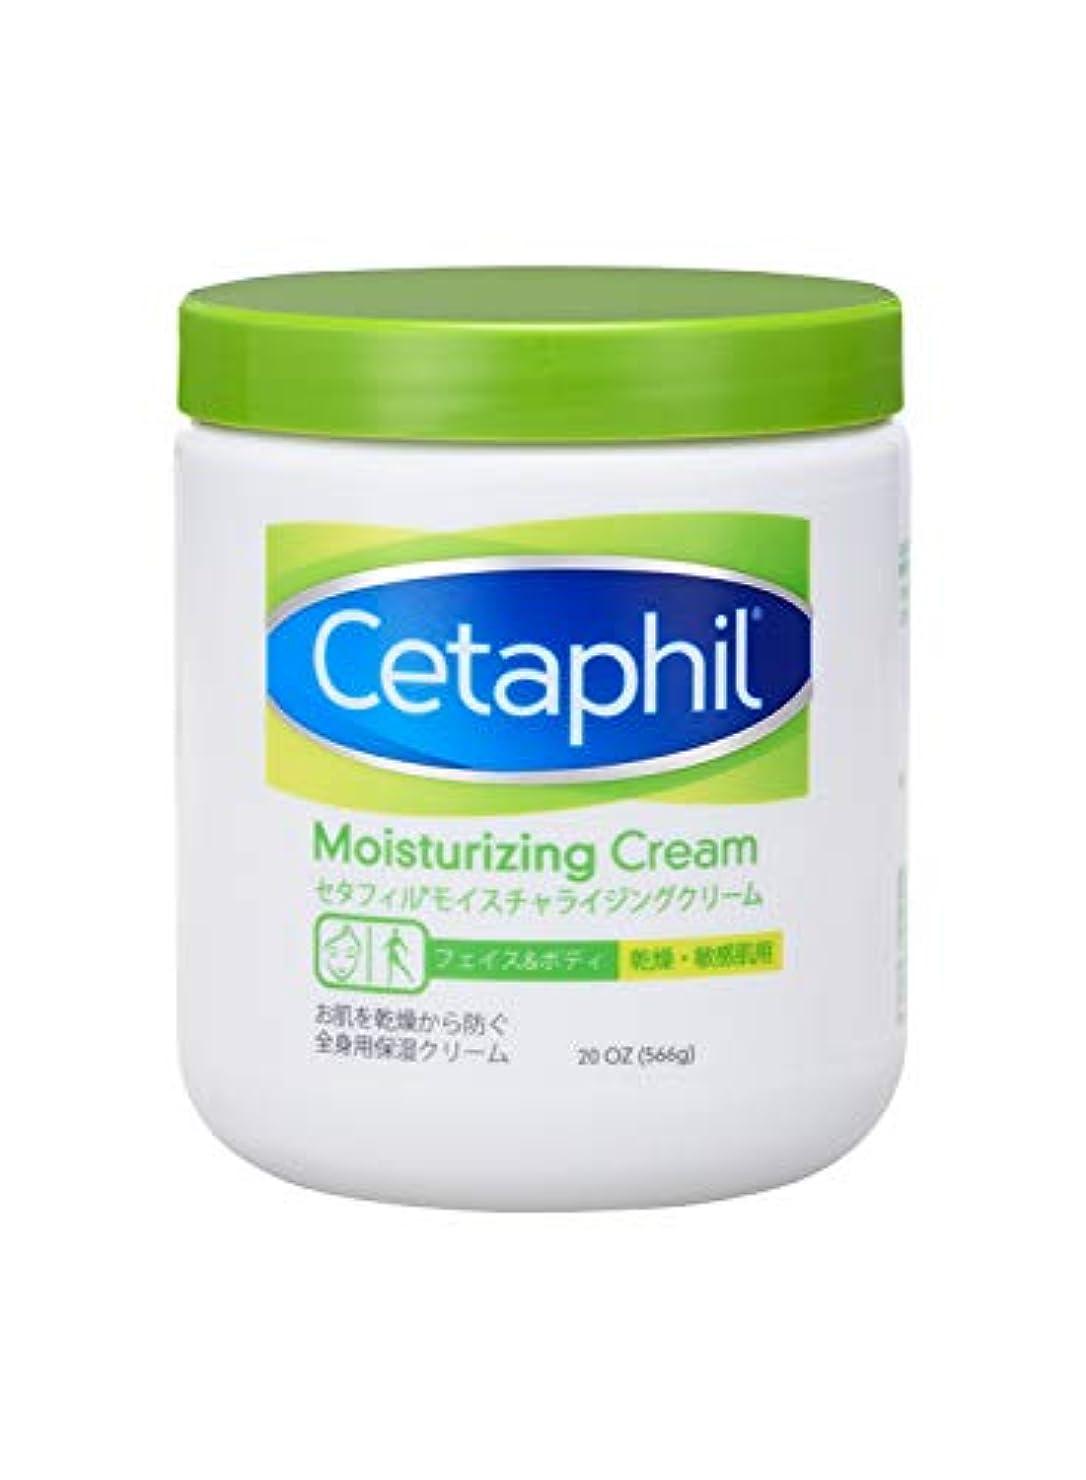 横たわる知り合い伝統セタフィル Cetaphil ® モイスチャライジングクリーム 566ml ( フェイス & ボディ 保湿クリーム クリーム )